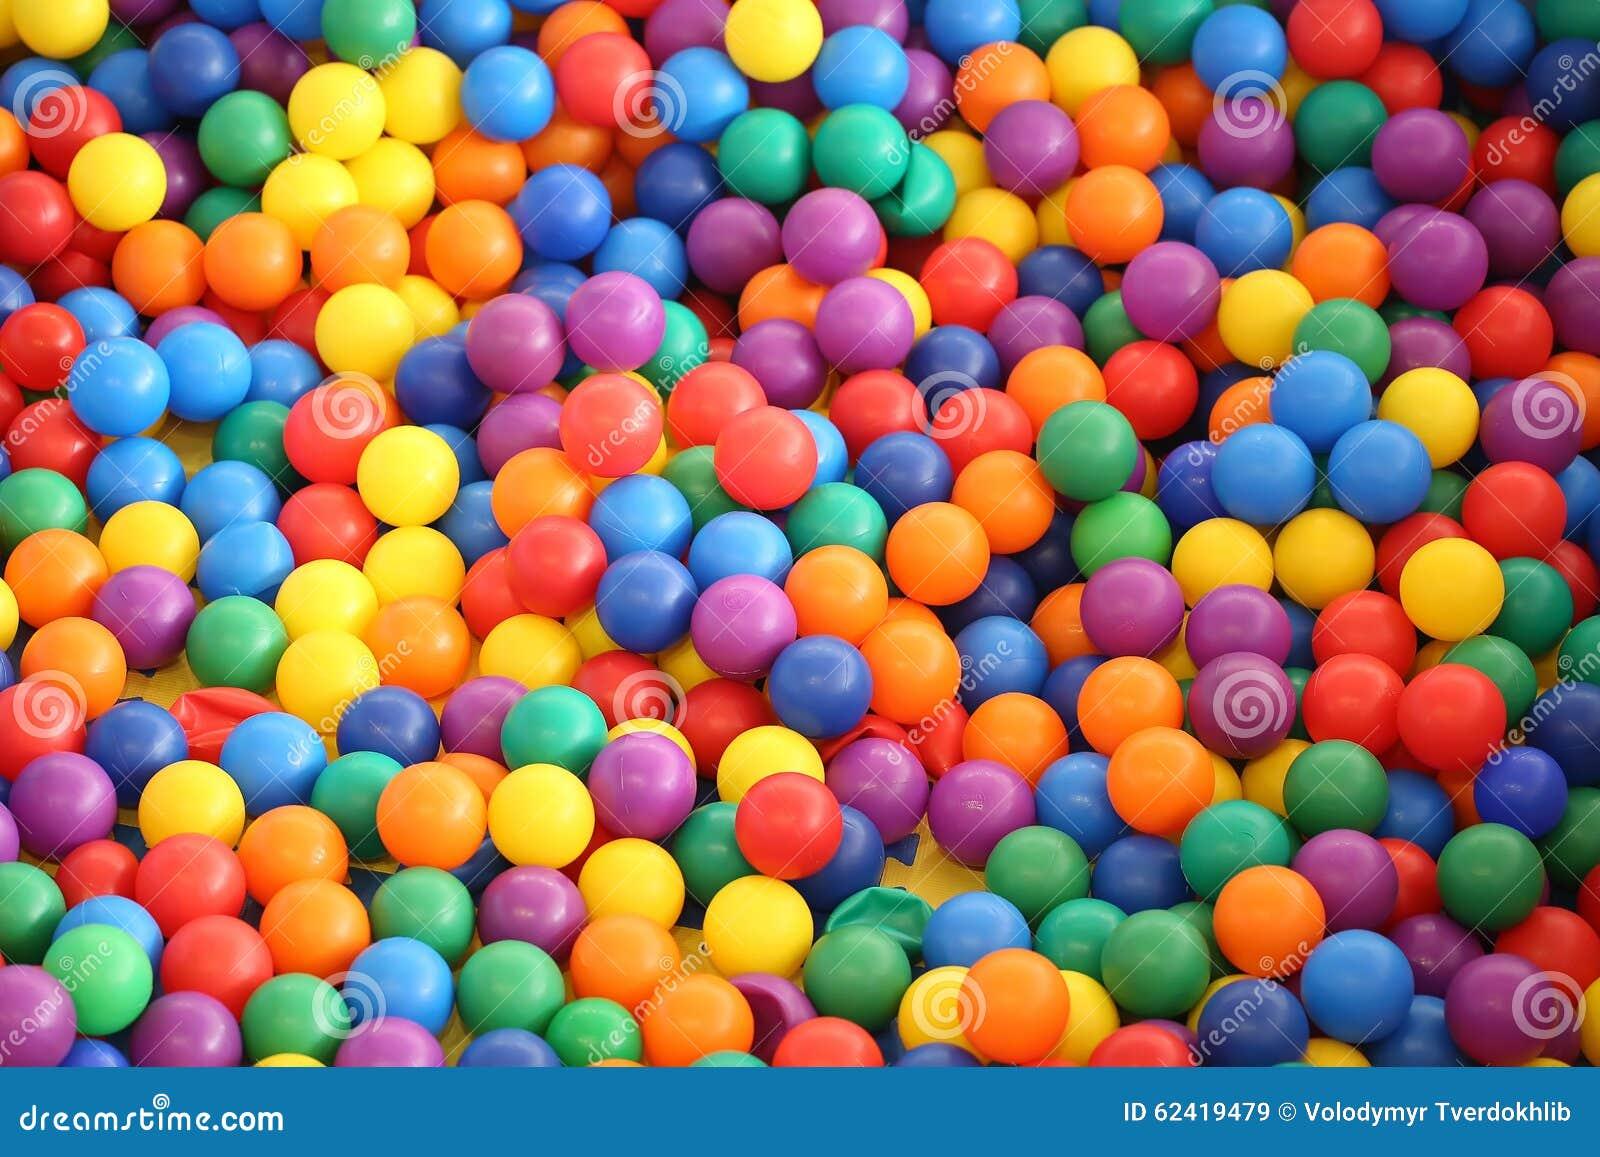 Multi farbige helle Plastikbälle